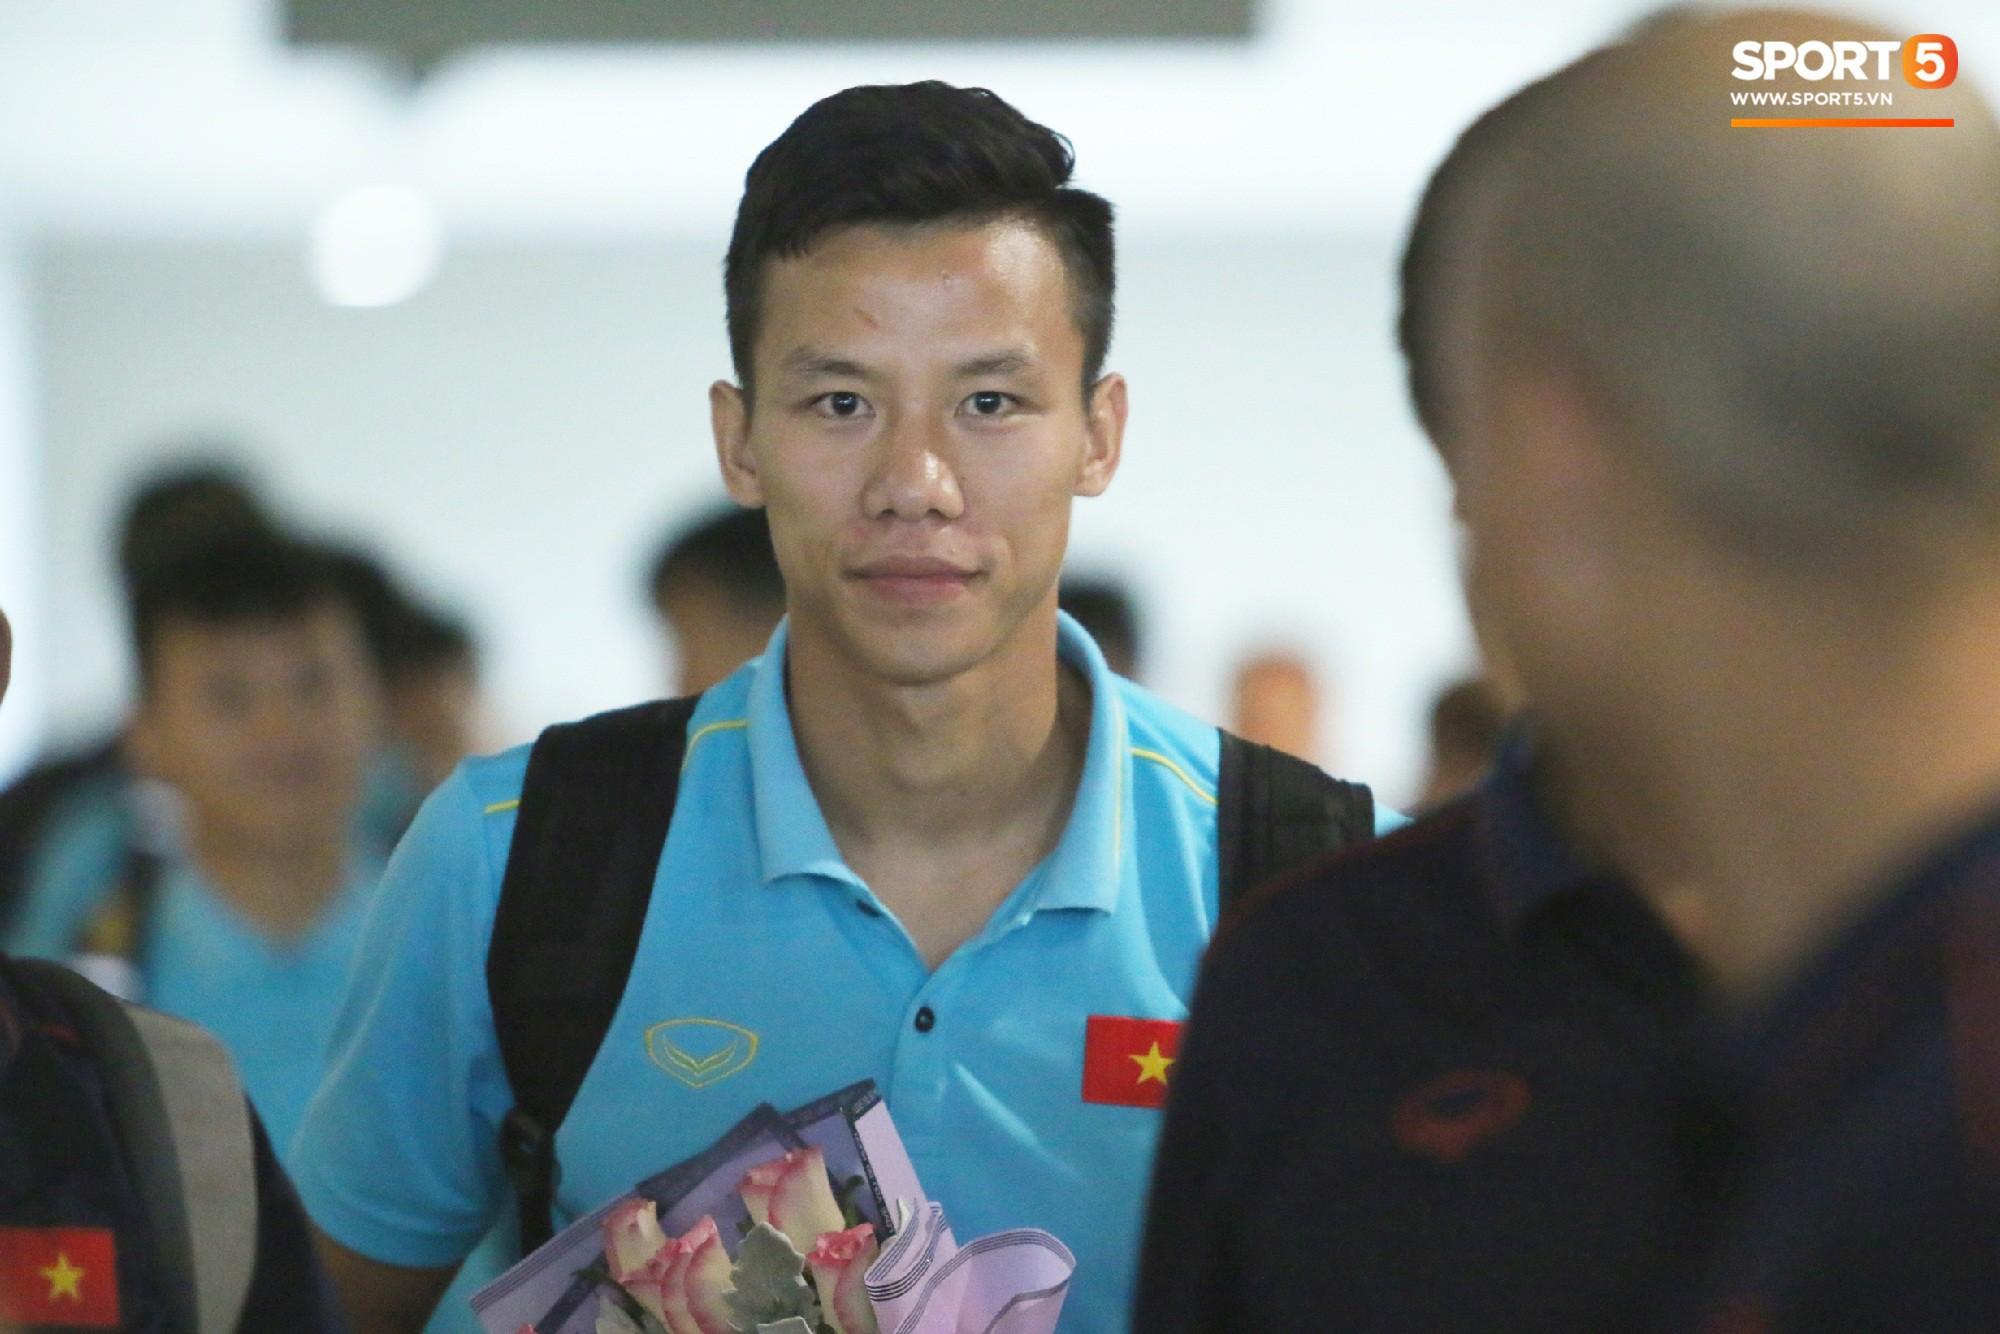 Sau Công Phượng, thêm ba cầu thủ của HAGL đánh lẻ ngay khi về tới Hà Nội - Ảnh 9.